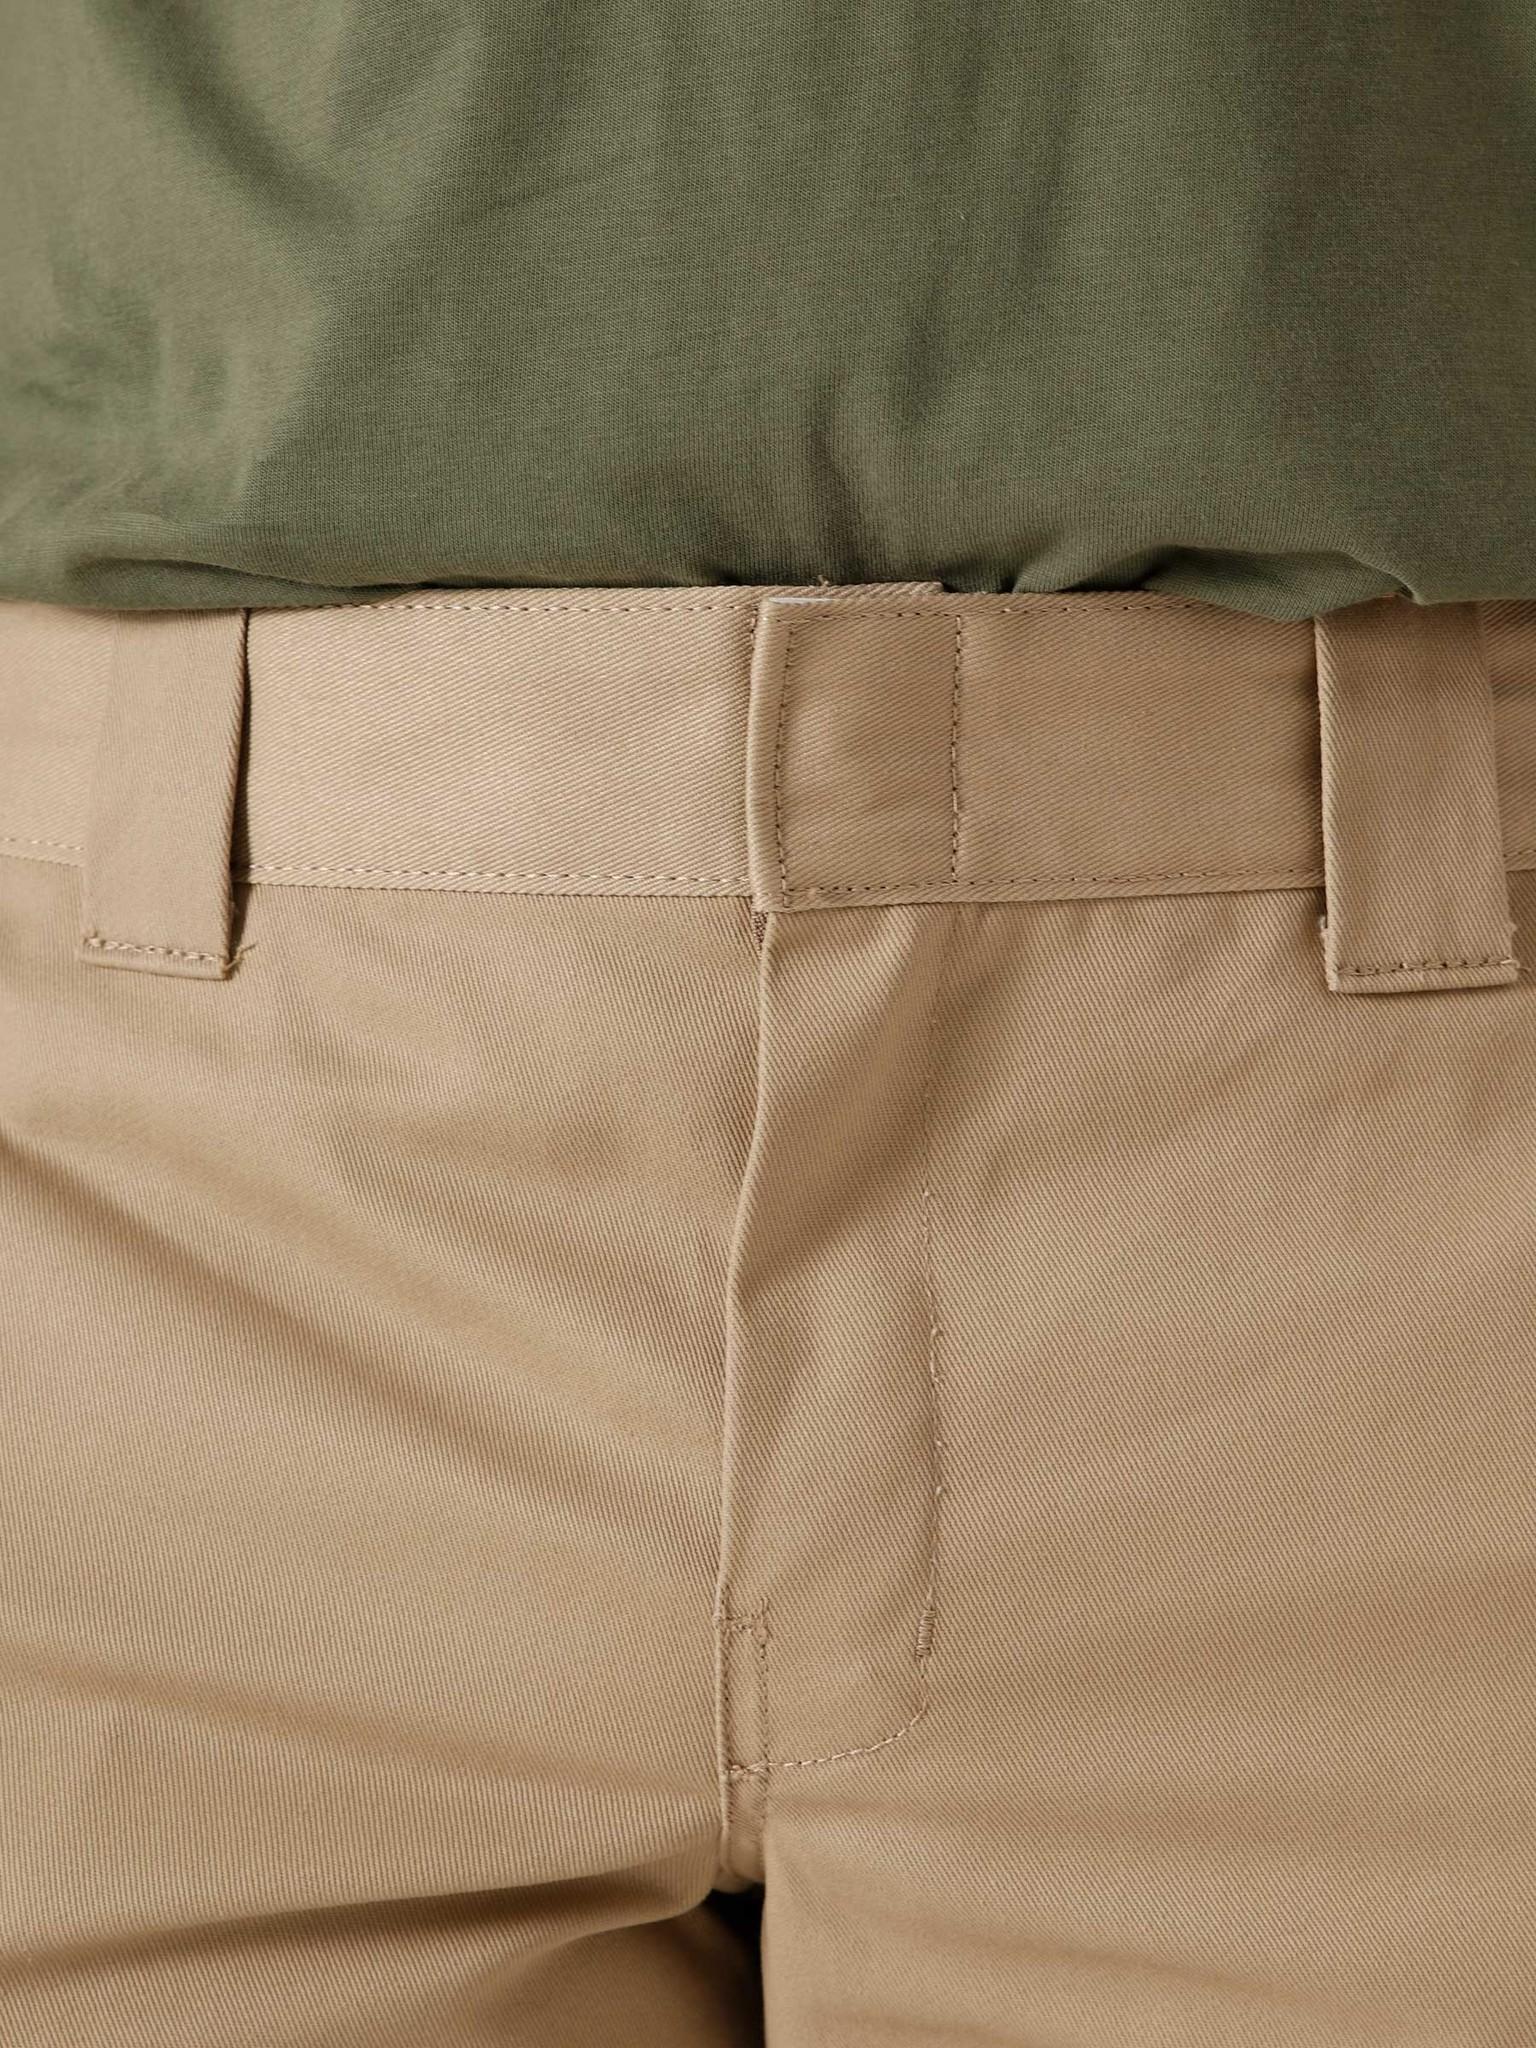 Dickies Dickies Slim Straight Work Pant Khaki DK0WP873KHK1